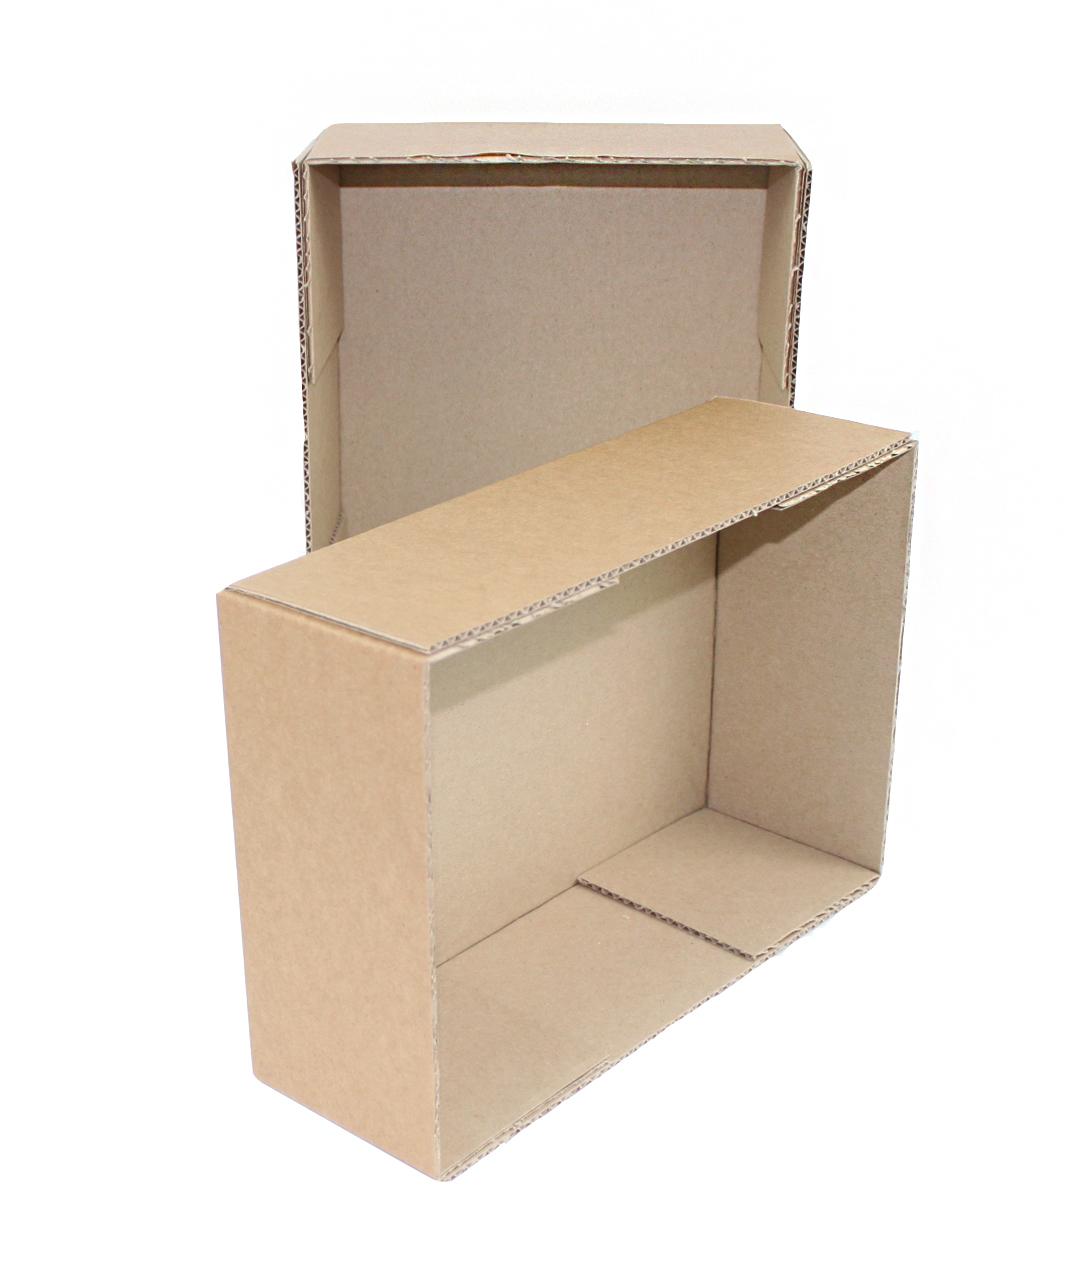 Коробка с крышкой 300 x 300 x 40 белый/бурый